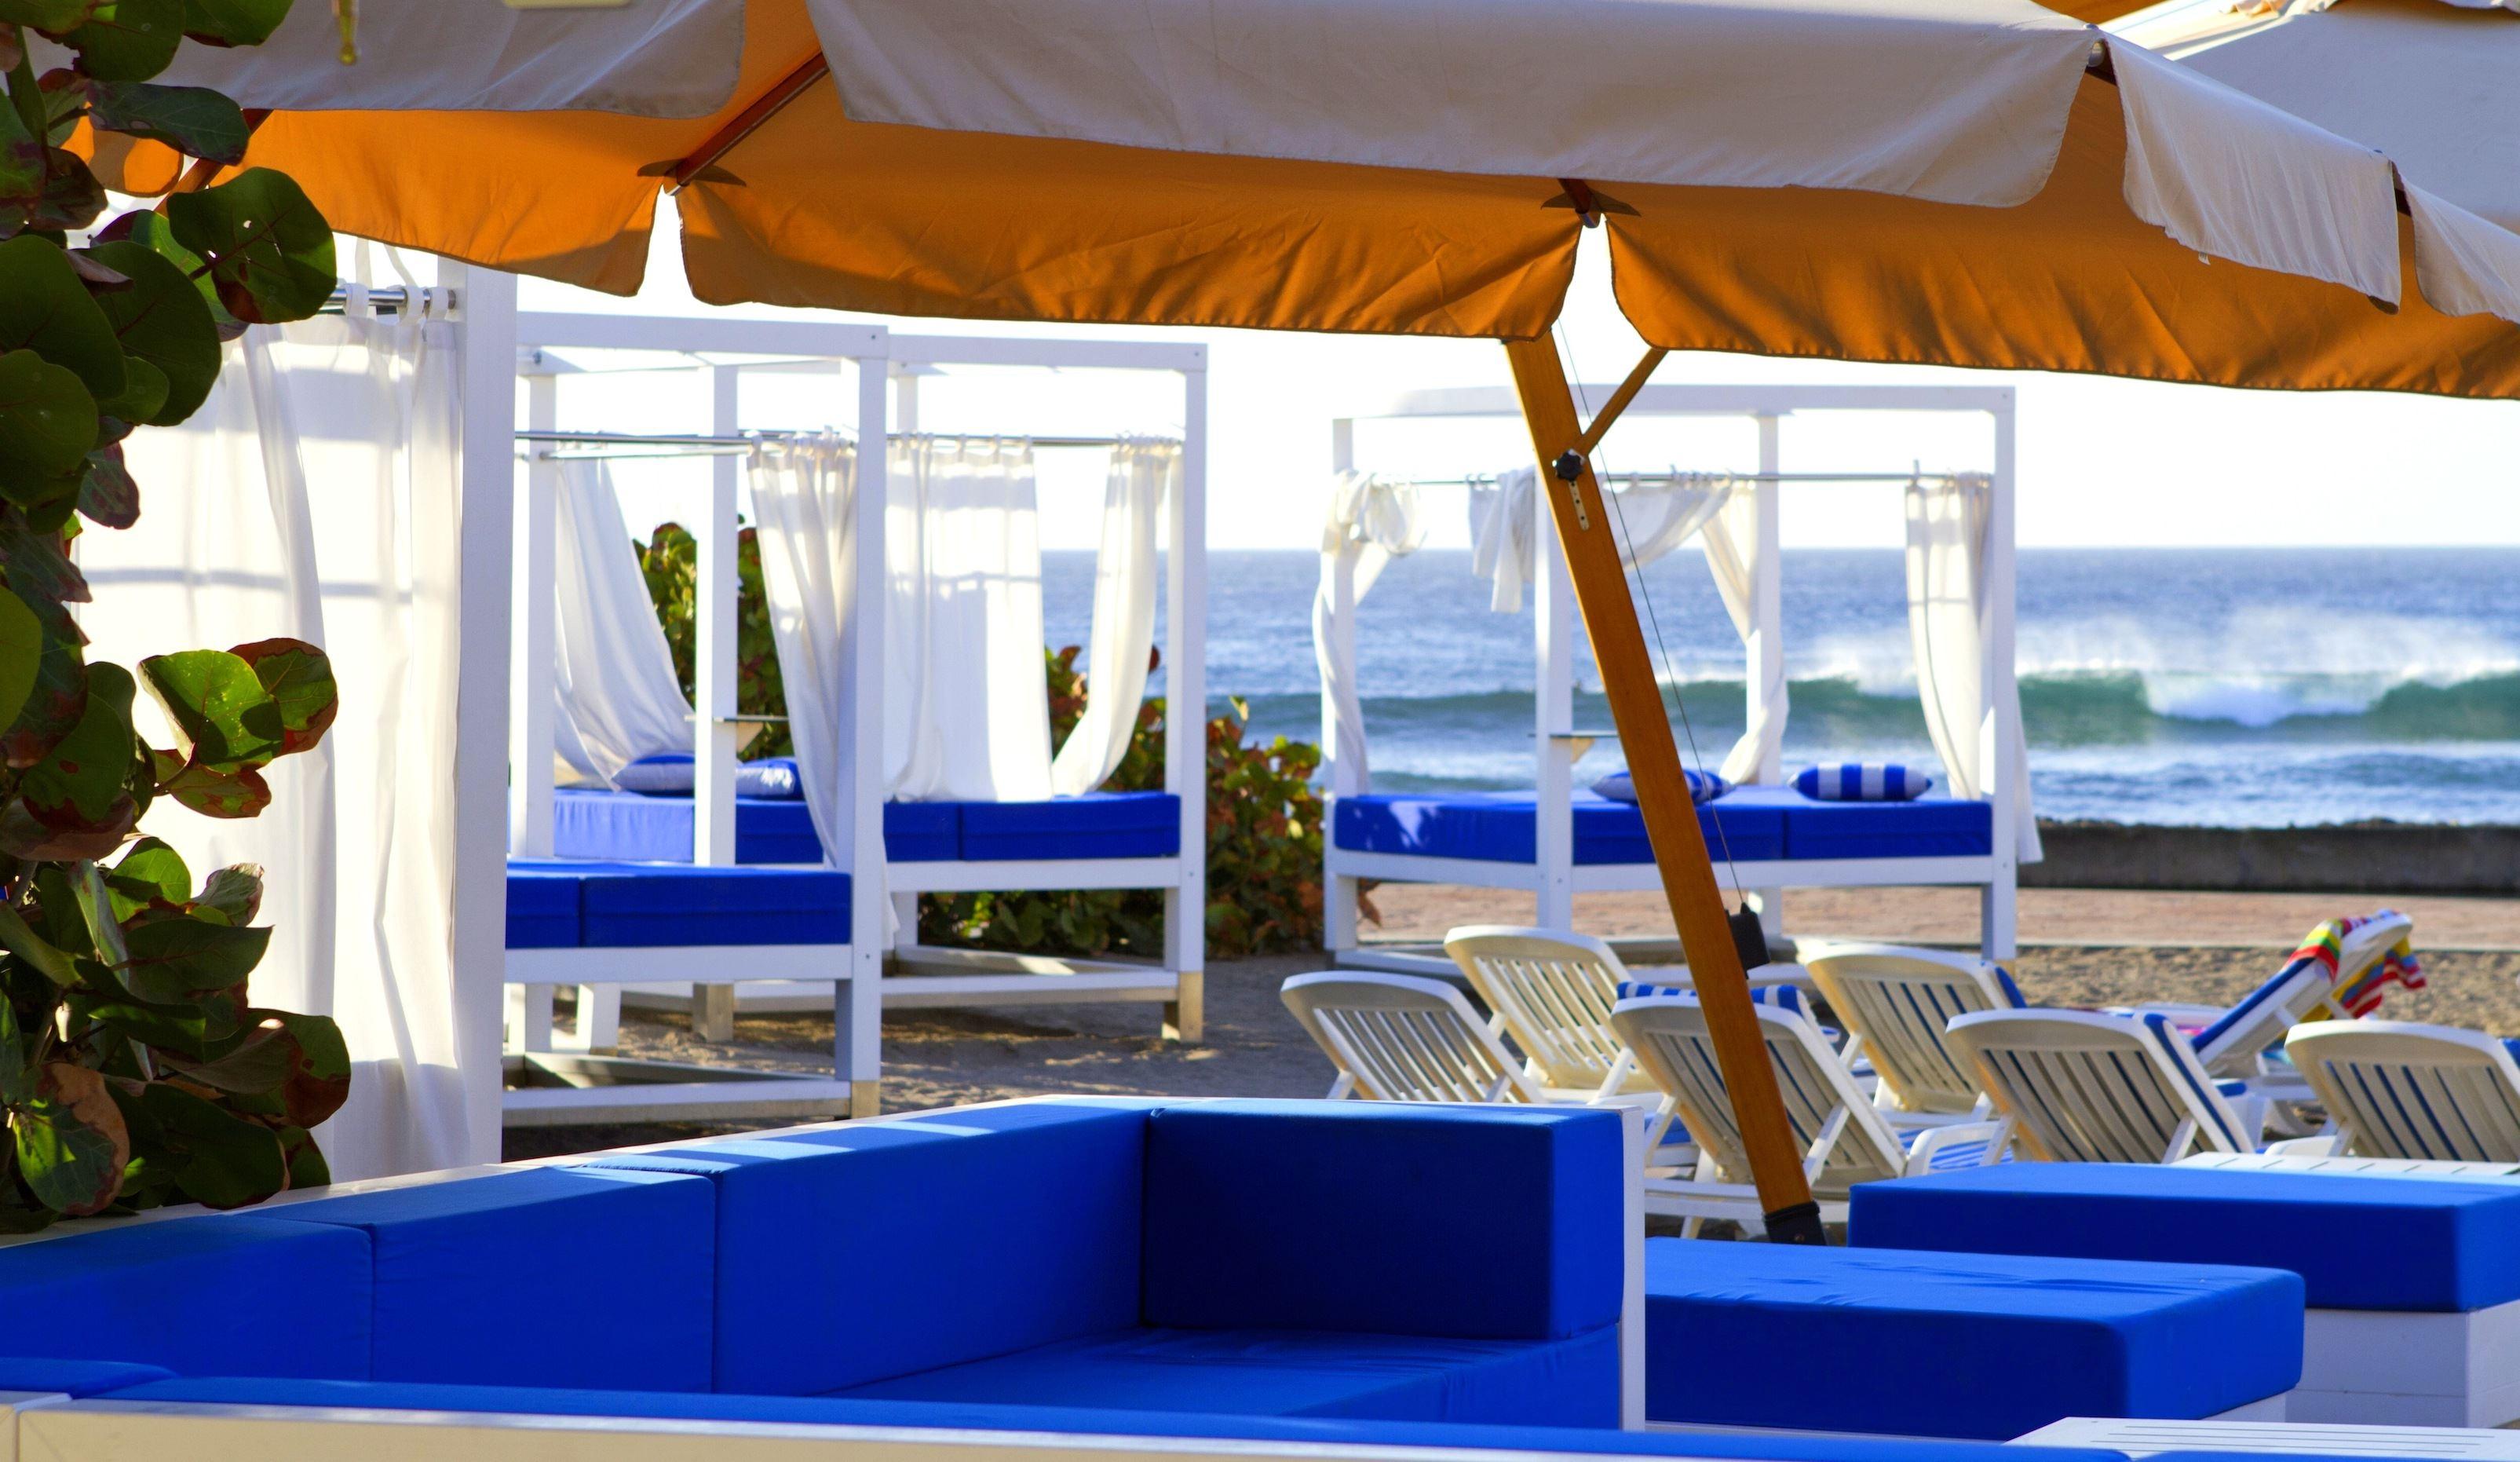 Balinesiska solsängar på Hotell Villa Cortes, Playa de Las Américas Teneriffa